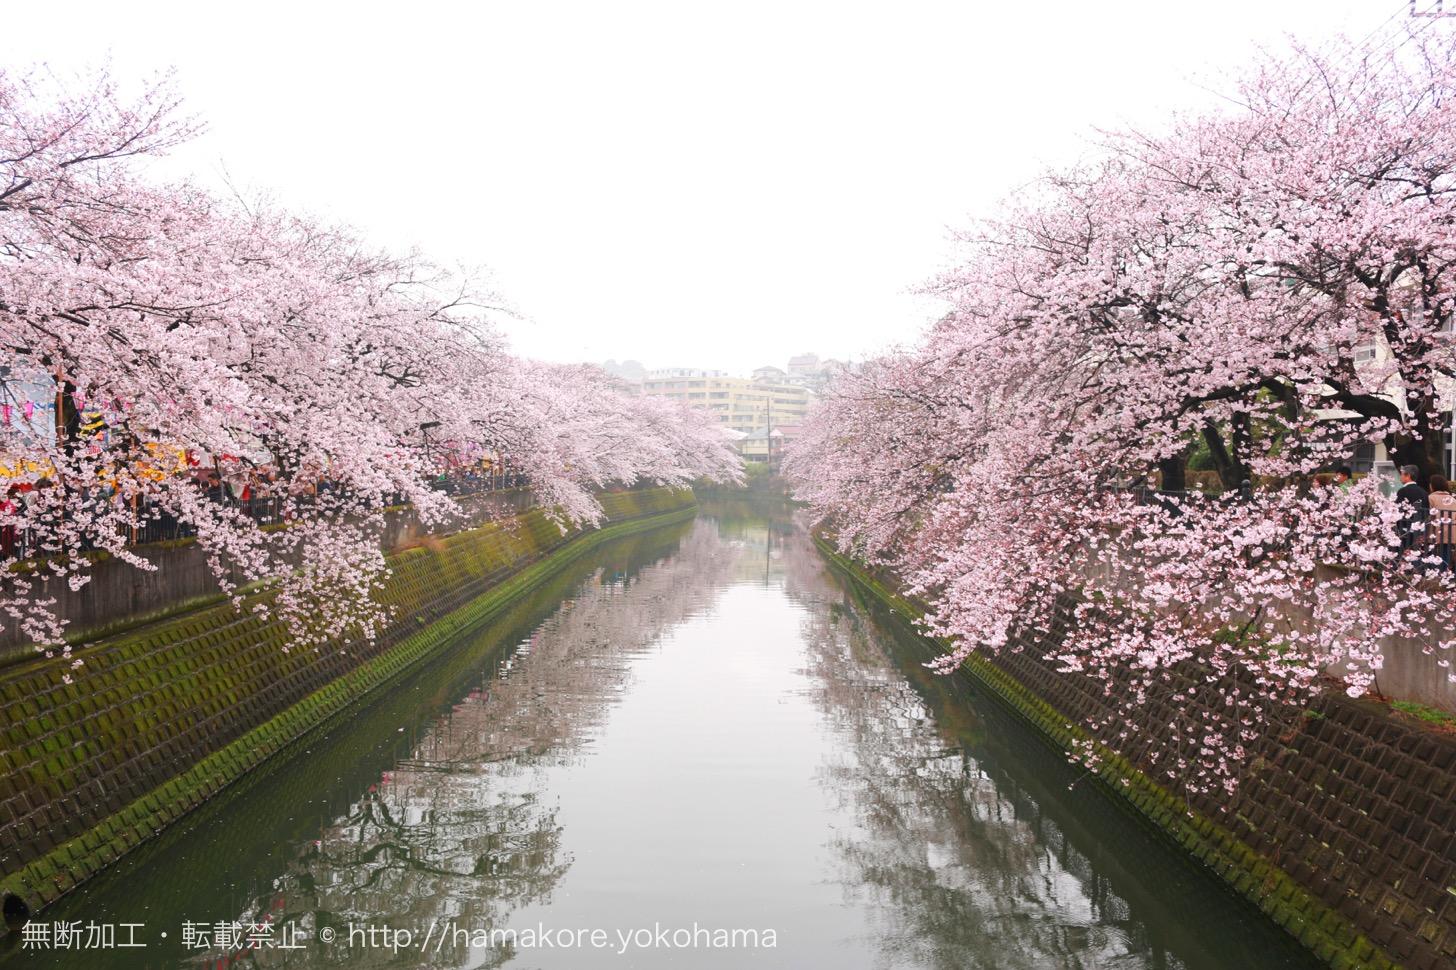 大岡川桜まつりが2017年4月1日・2日開催!